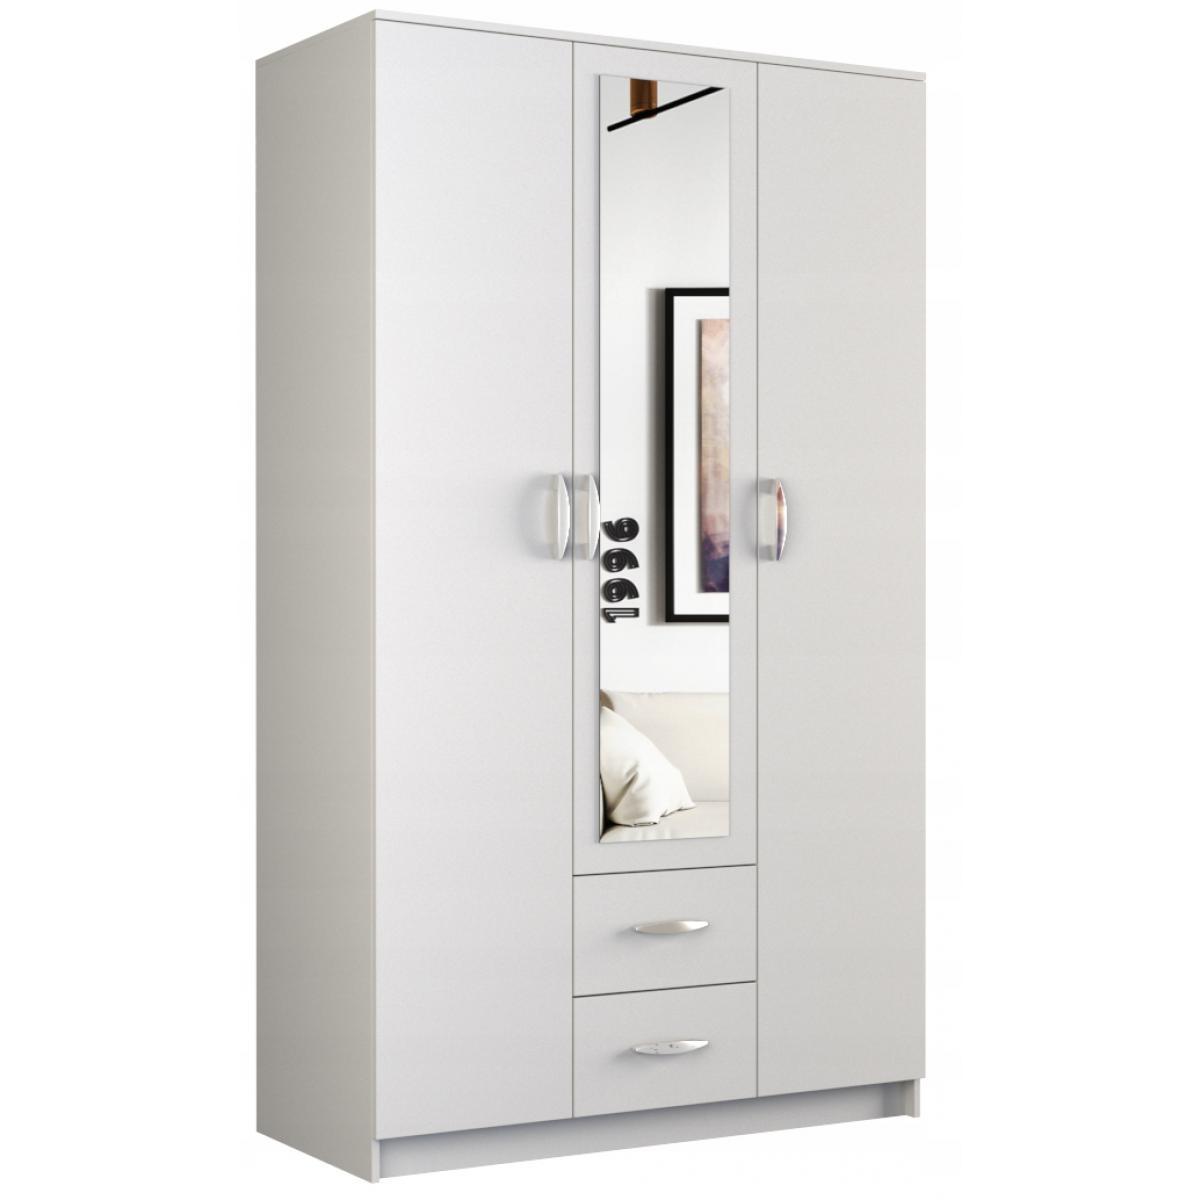 Hucoco ROMA | Petite Armoire chambre bureau | Penderie multifonctions | 2 portes + Miroir +2 tiroirs | Meuble de rangement Dres